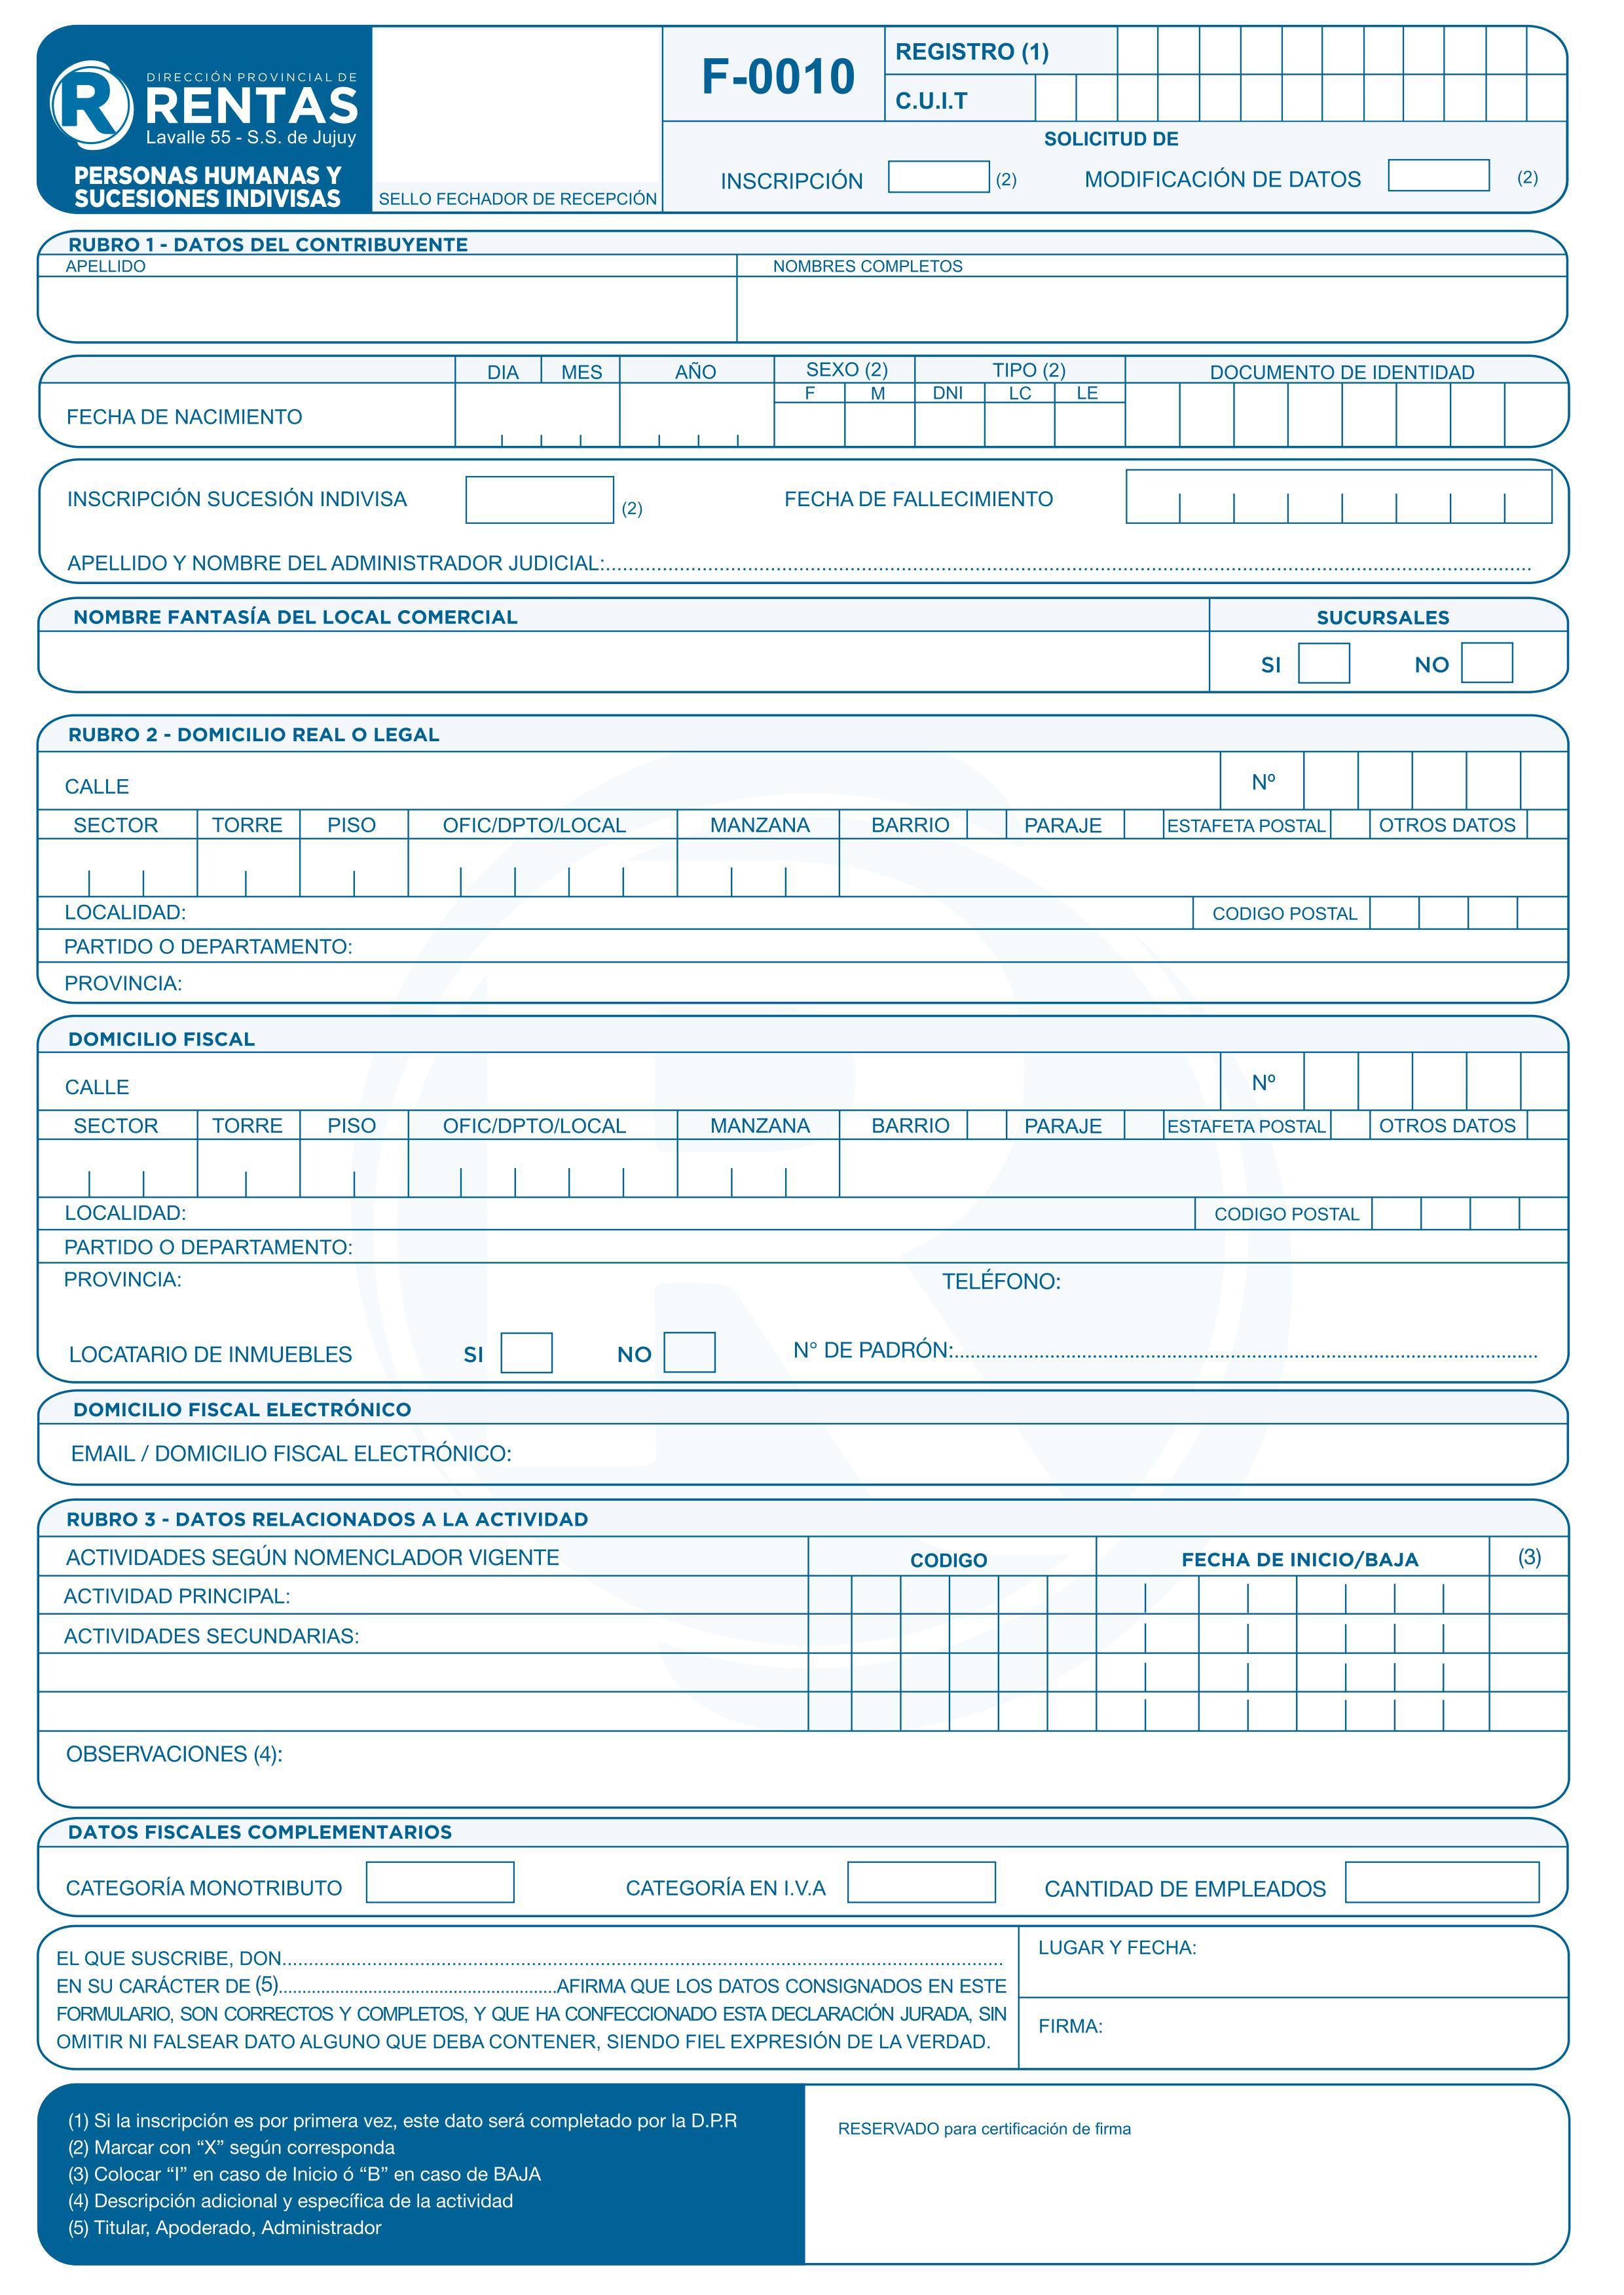 Impuesto a los ingresos brutos repaso note for Inscripcion ingresos brutos